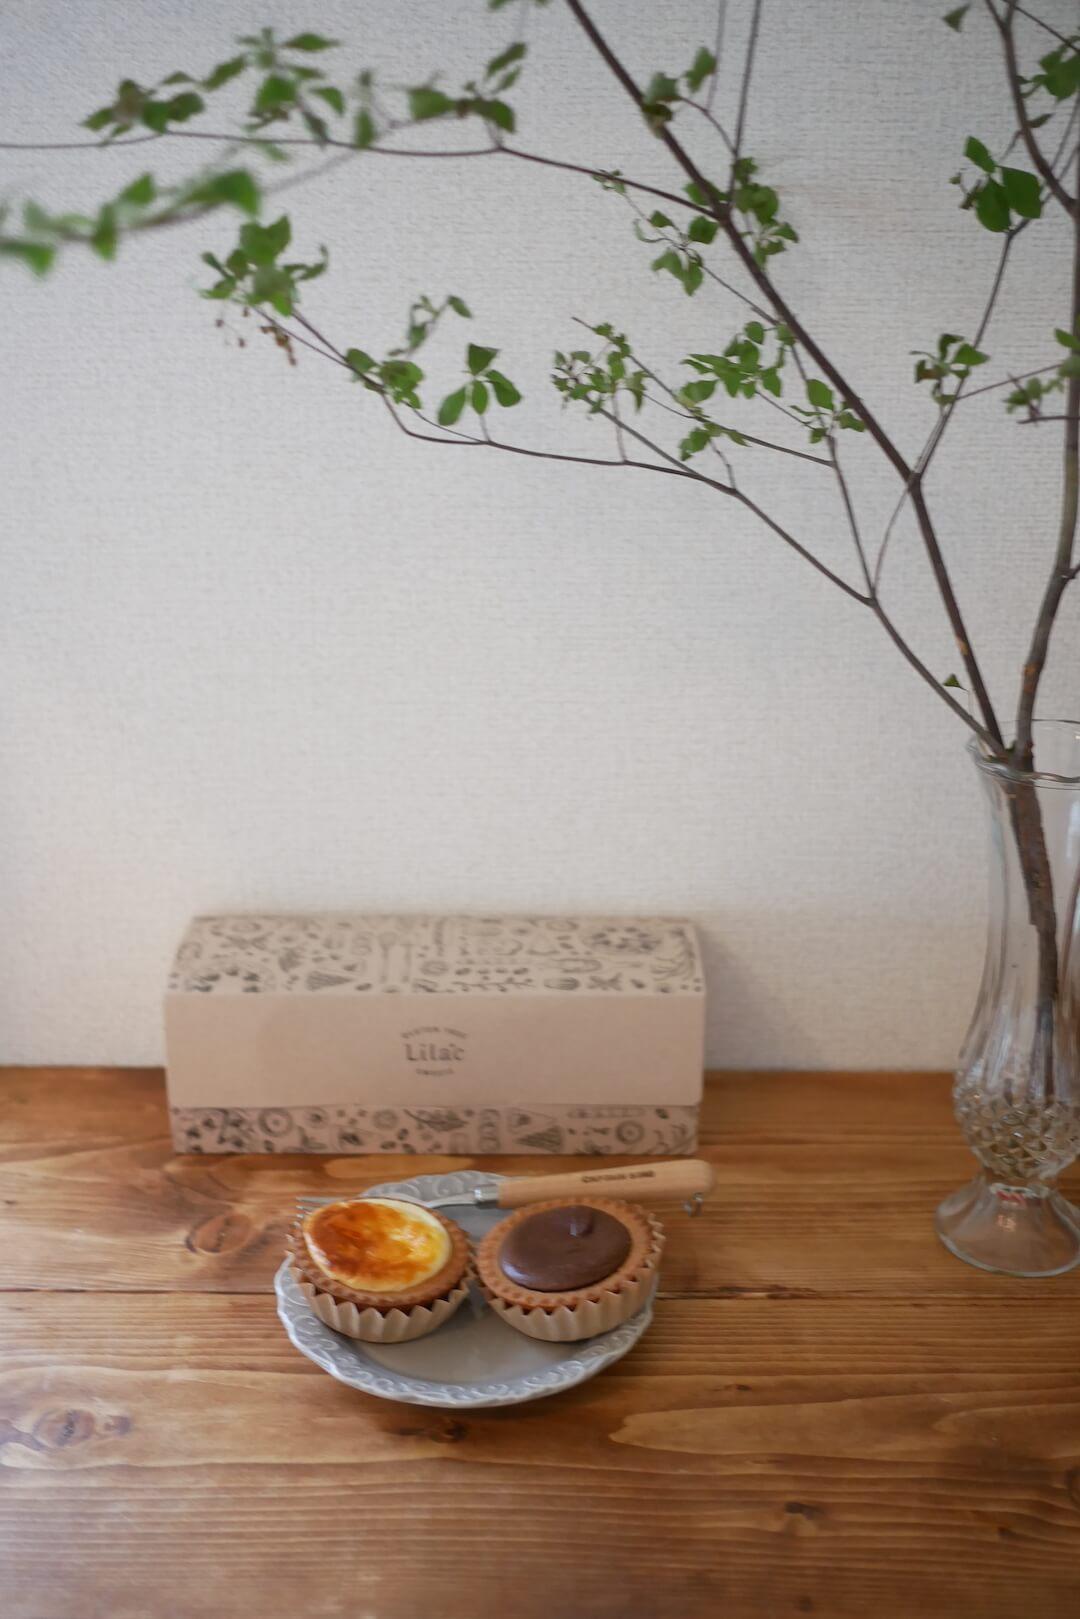 グルテンフリースイーツLilac(ライラック) 名古屋市 カフェ名古屋グルメ チーズケーキタルト テイクアウト